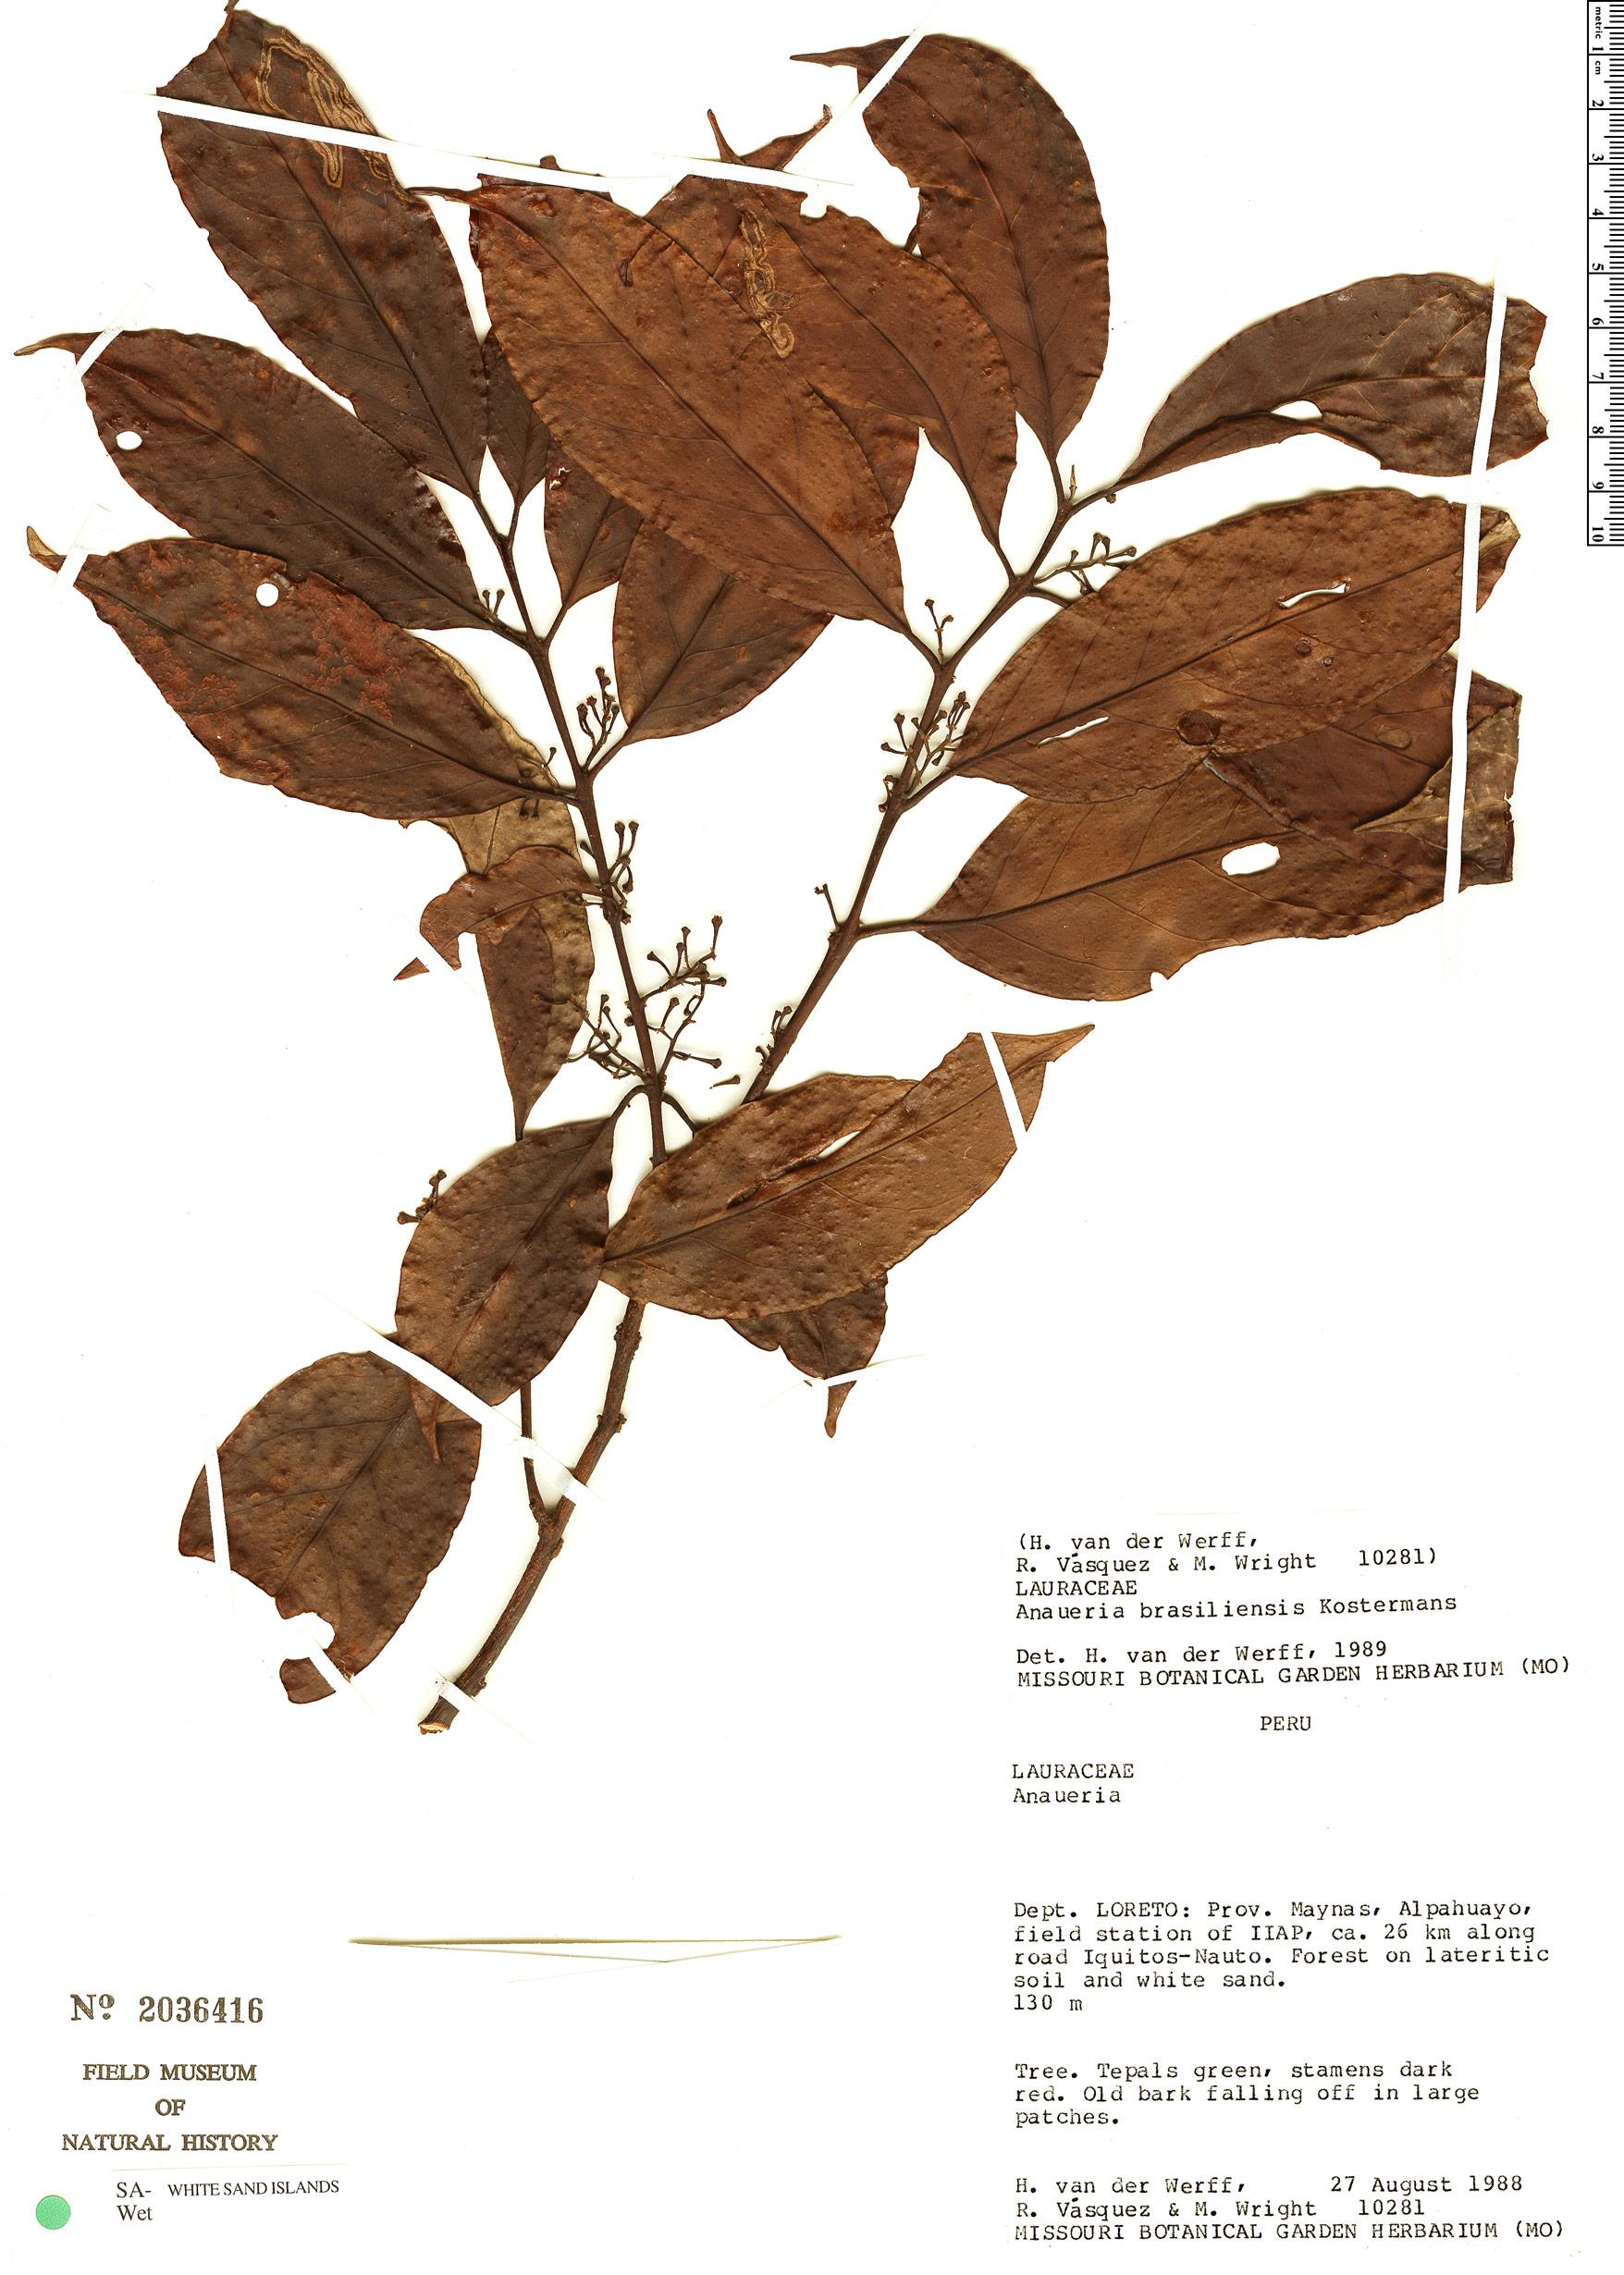 Specimen: Anaueria brasiliensis